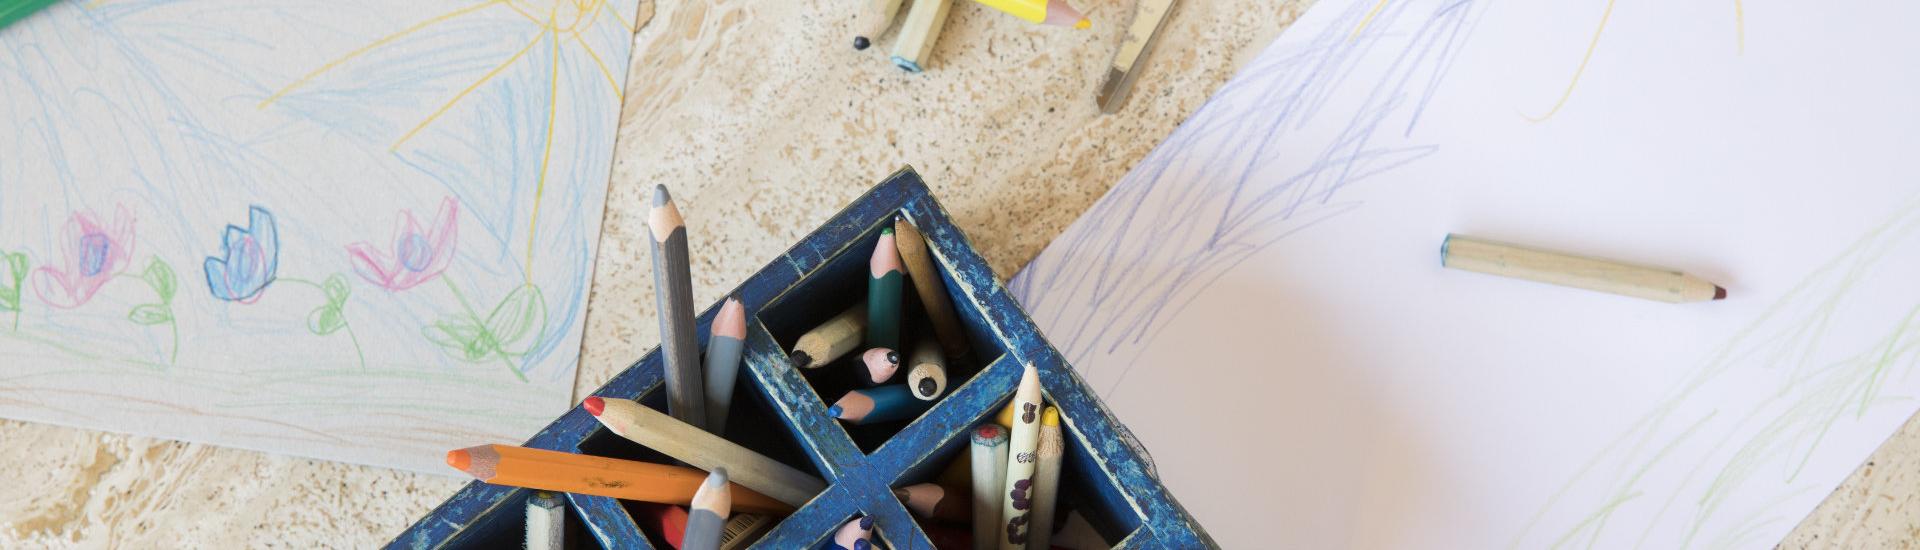 Buntstifte und Kindergemälde auf einem Tisch